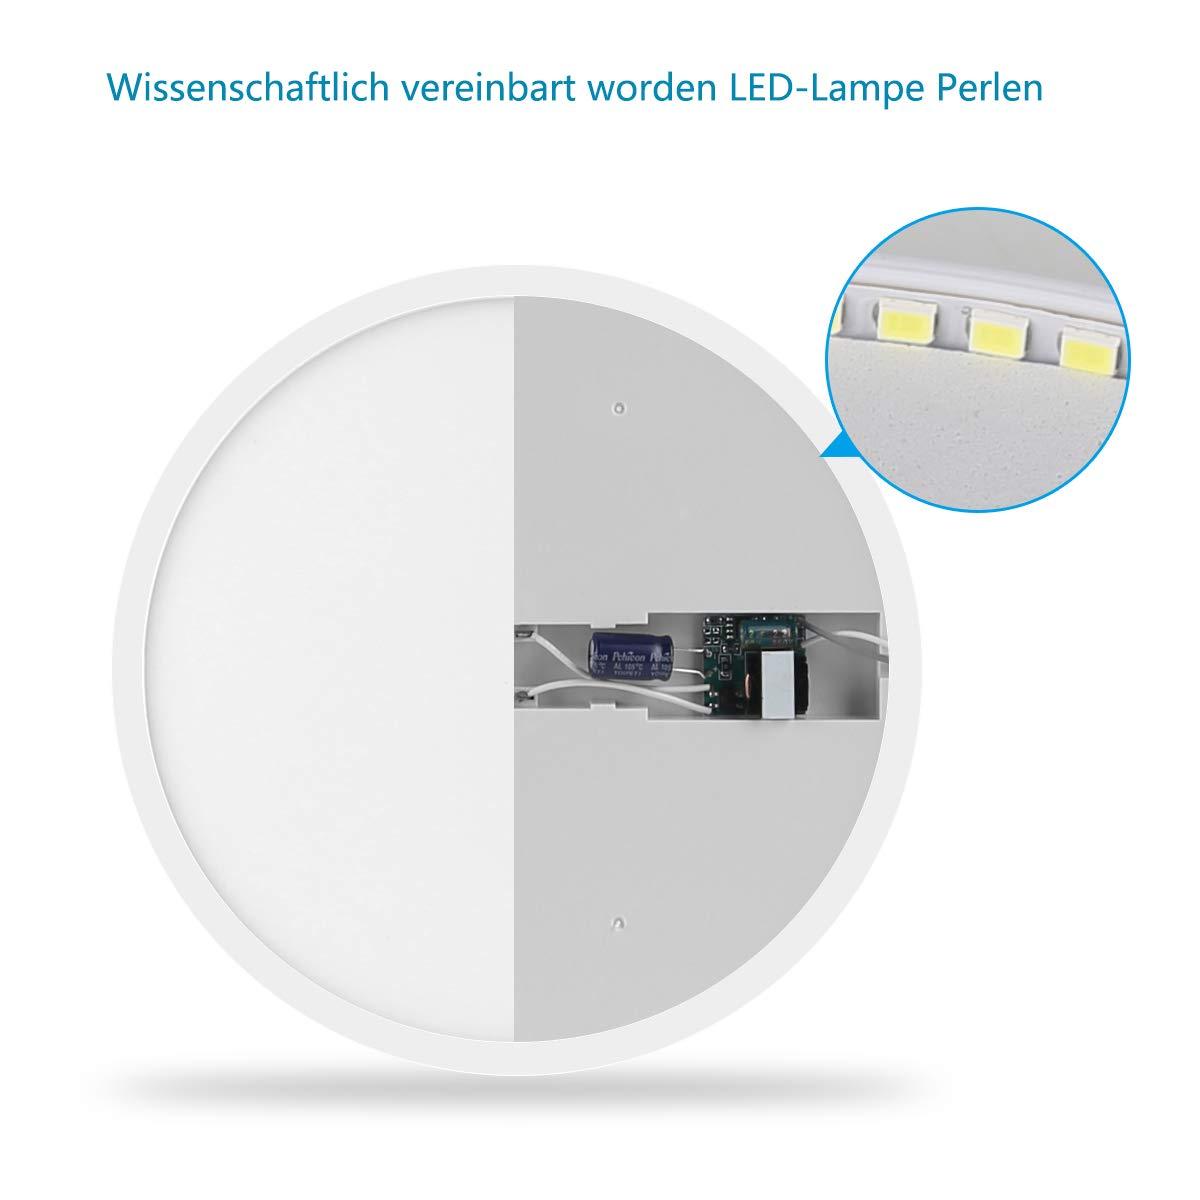 Eidoct 3,5 mm Kfz-Audio-Stereo-USB-Ladeadapterkabel f/ür BMW X1 X3 X5 1 3 5 7 Series Mini f/ür iPhone x 8 7 7 Plus 6 6S Plus iPod /& iPad